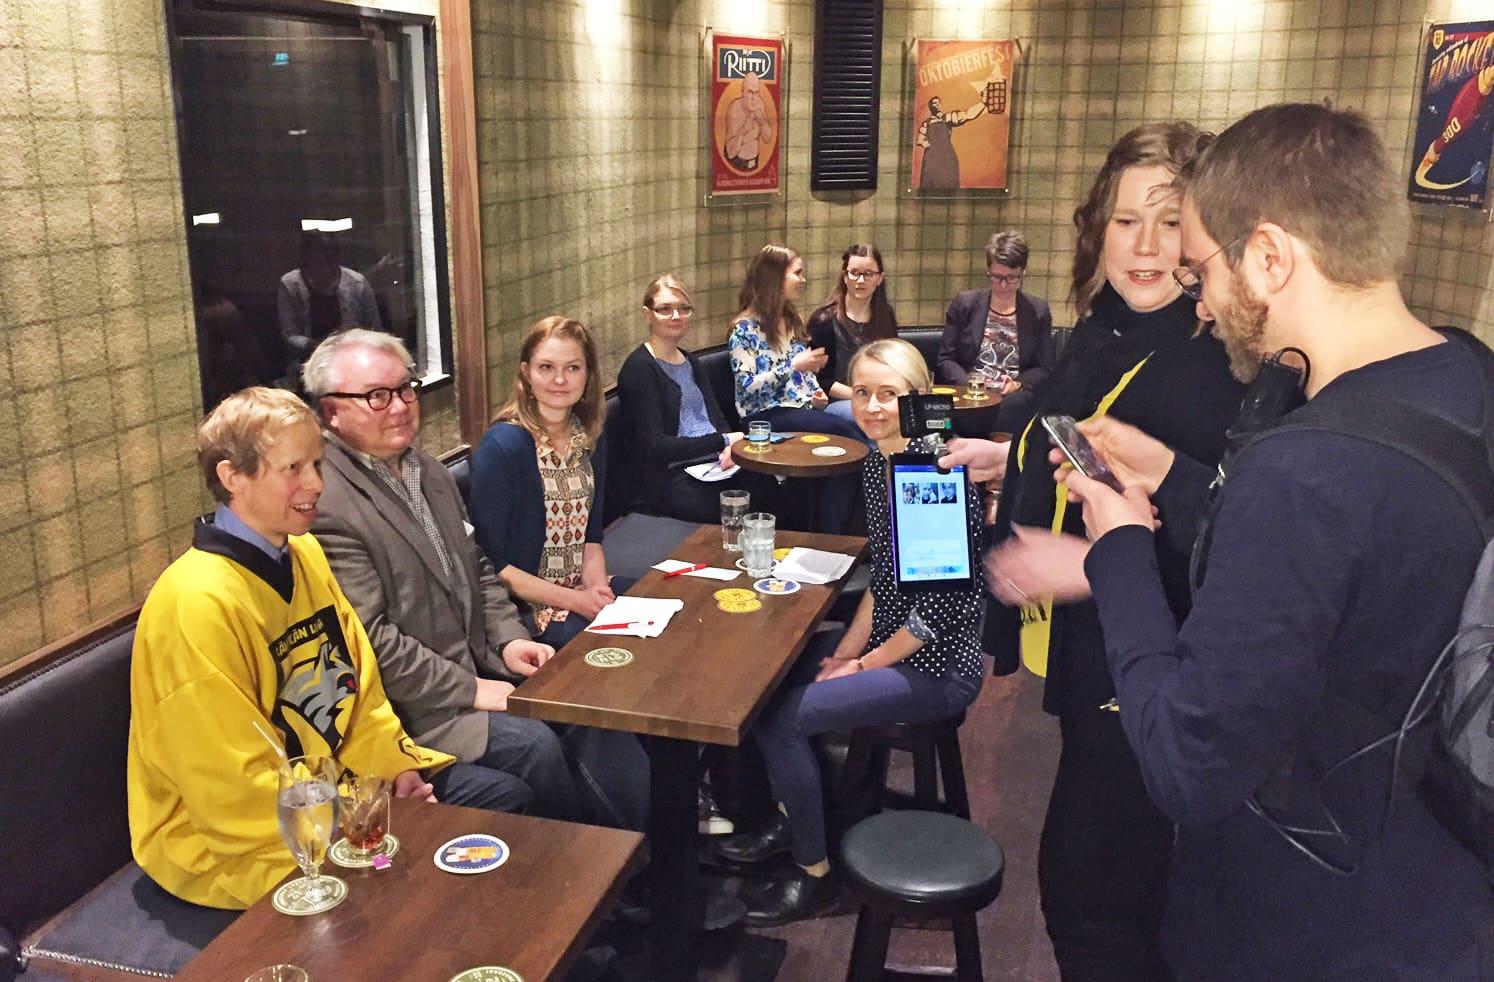 A2-illan panelisteja olivat mm. Timo Perälä (vas.), Jussi Tukiainen, Tiina Kolehmainen ja Minna Ruokangas. Nettilähetystä tekivät mm. Hanna Juopperi ja Jarno Tahvanainen.